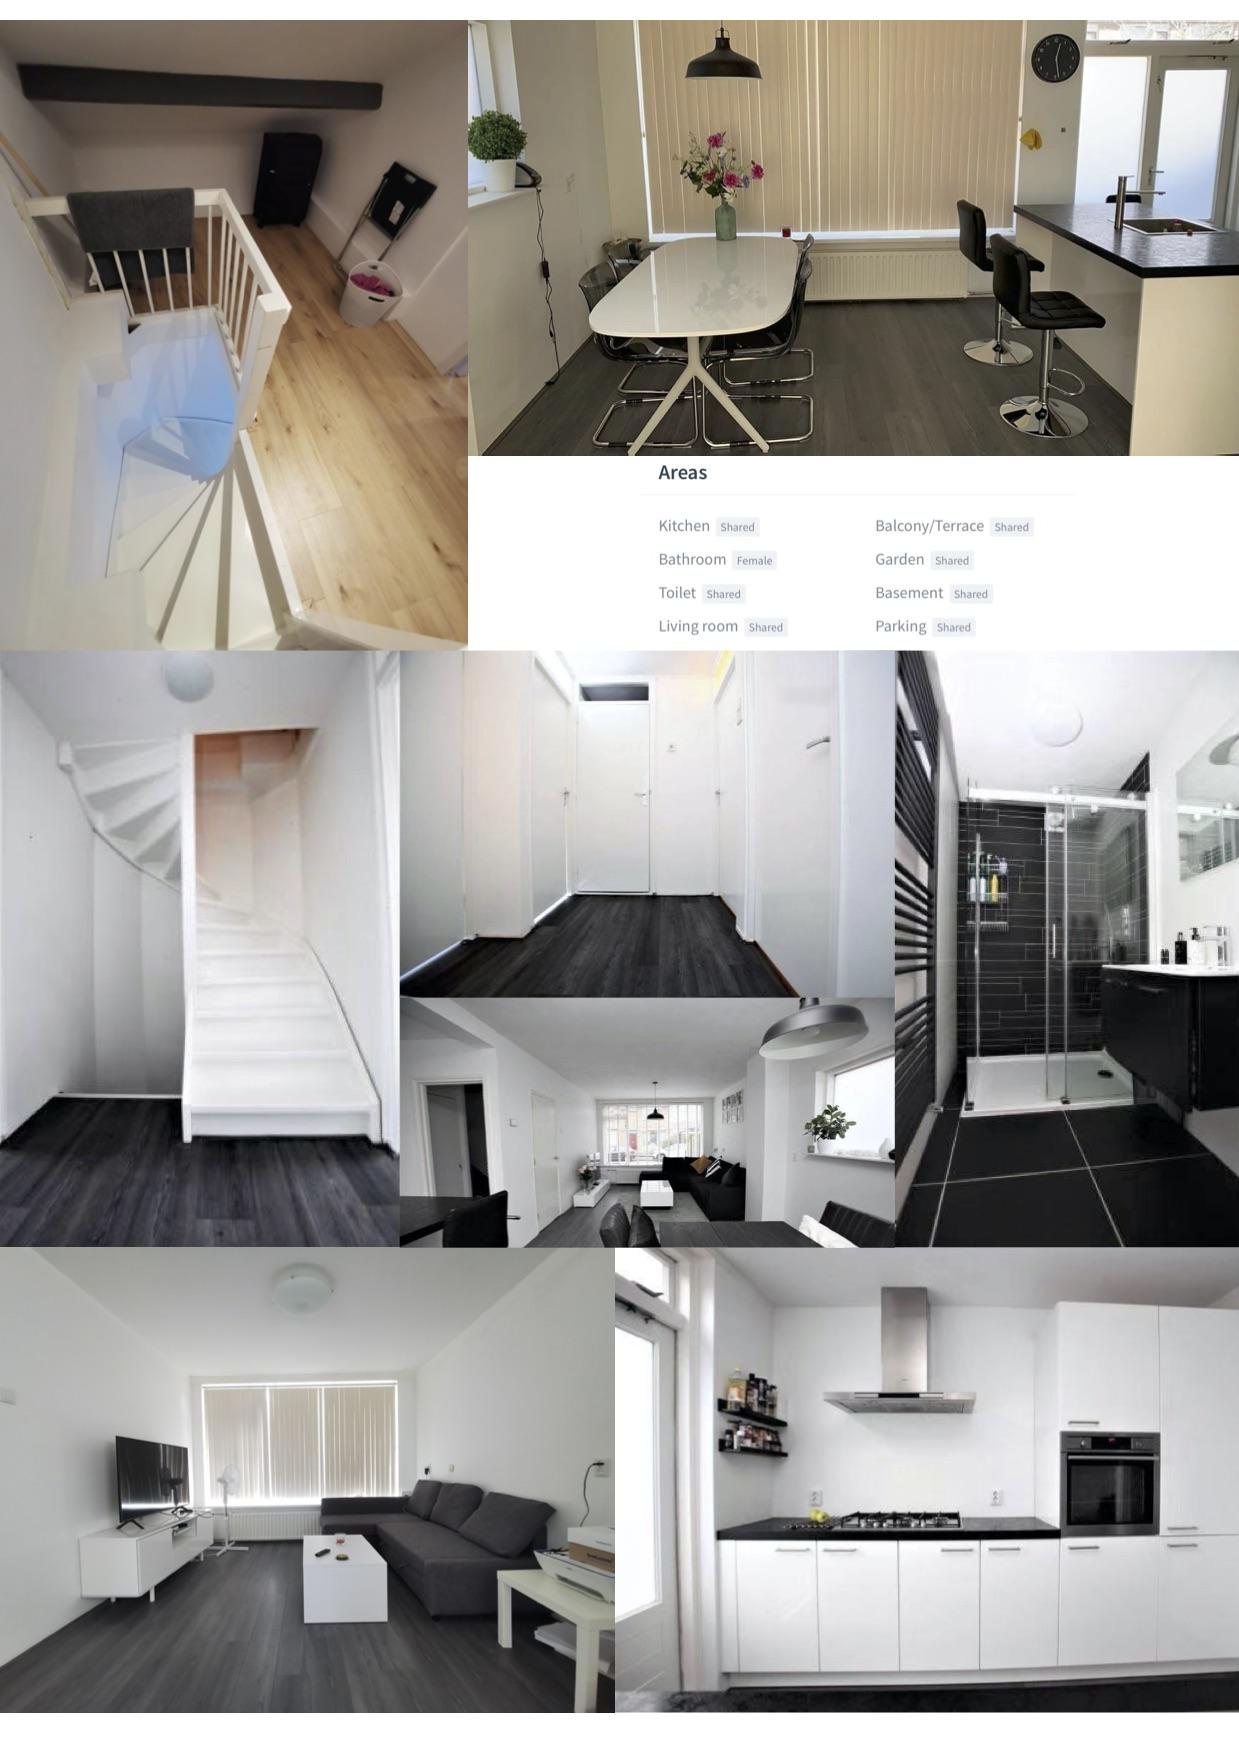 Capelle好房出租,500欧元一个月,整层出租,限女生